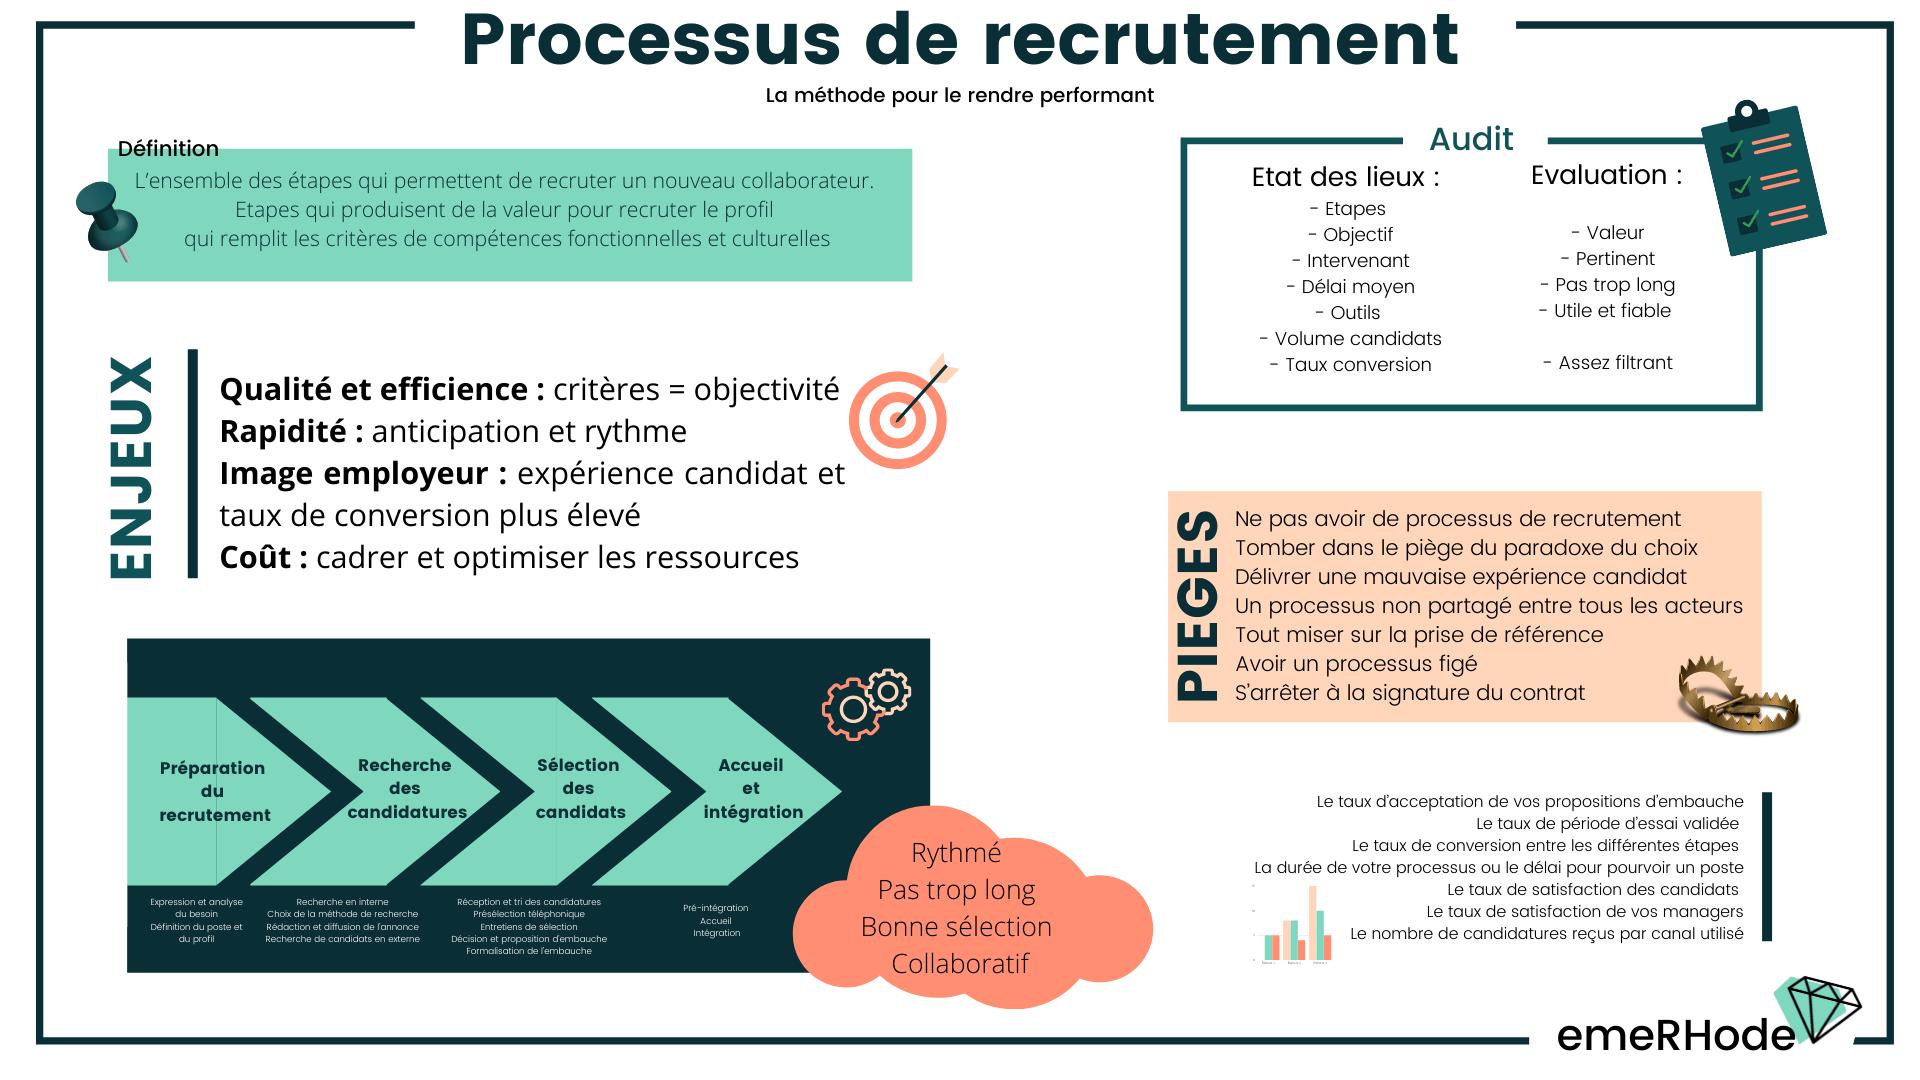 Processus de recrutement résumé